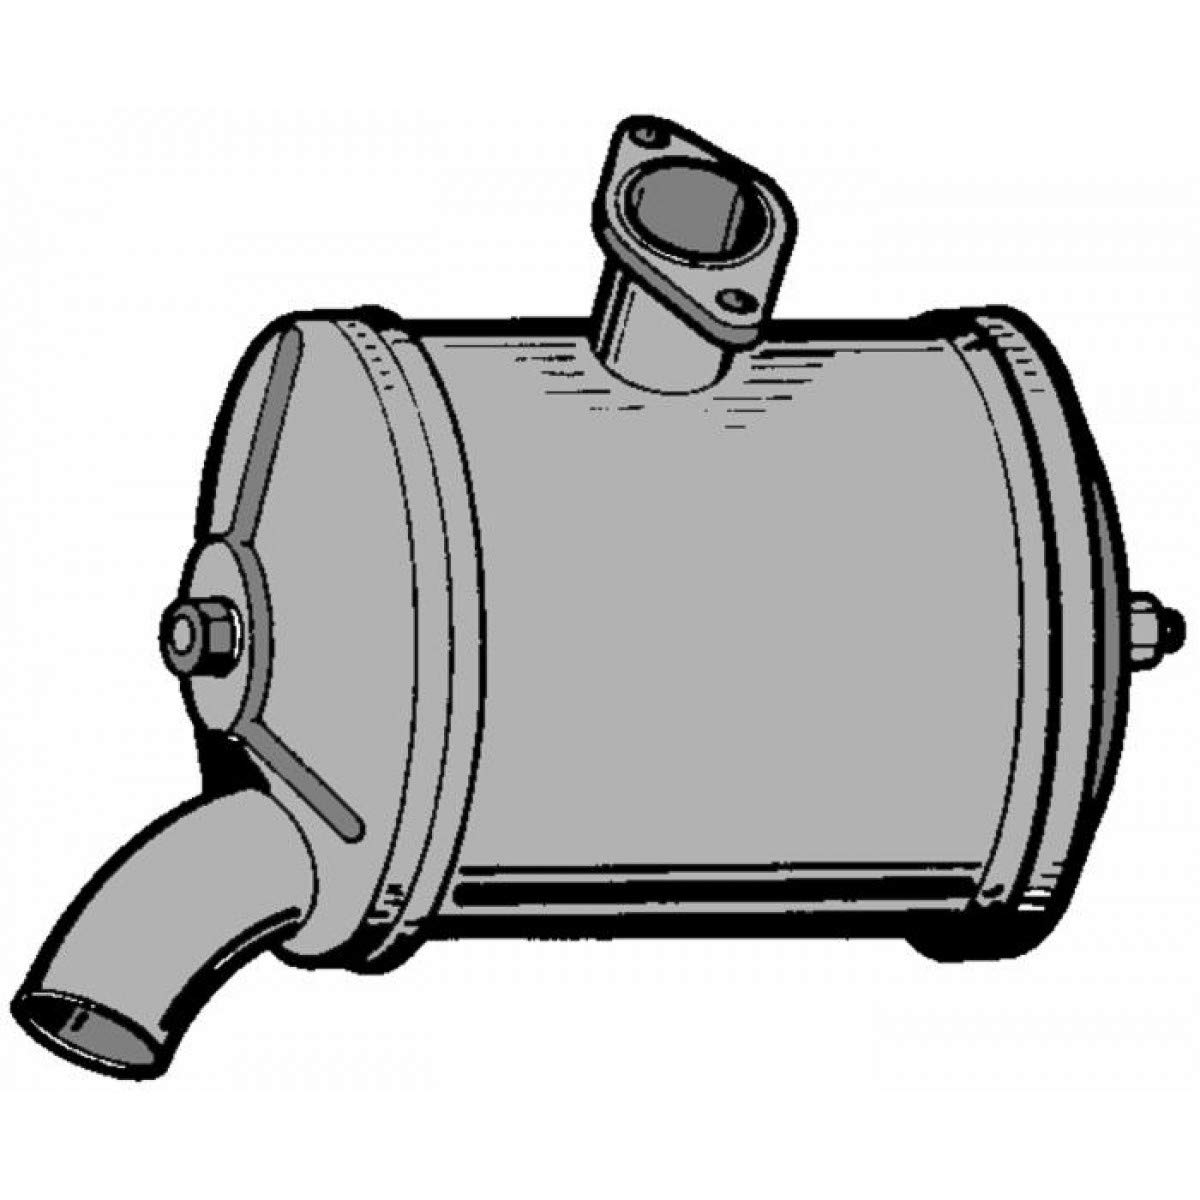 Le gusta 03455 silenciador para Jlo 101 - 152 Beta B 210 para ...